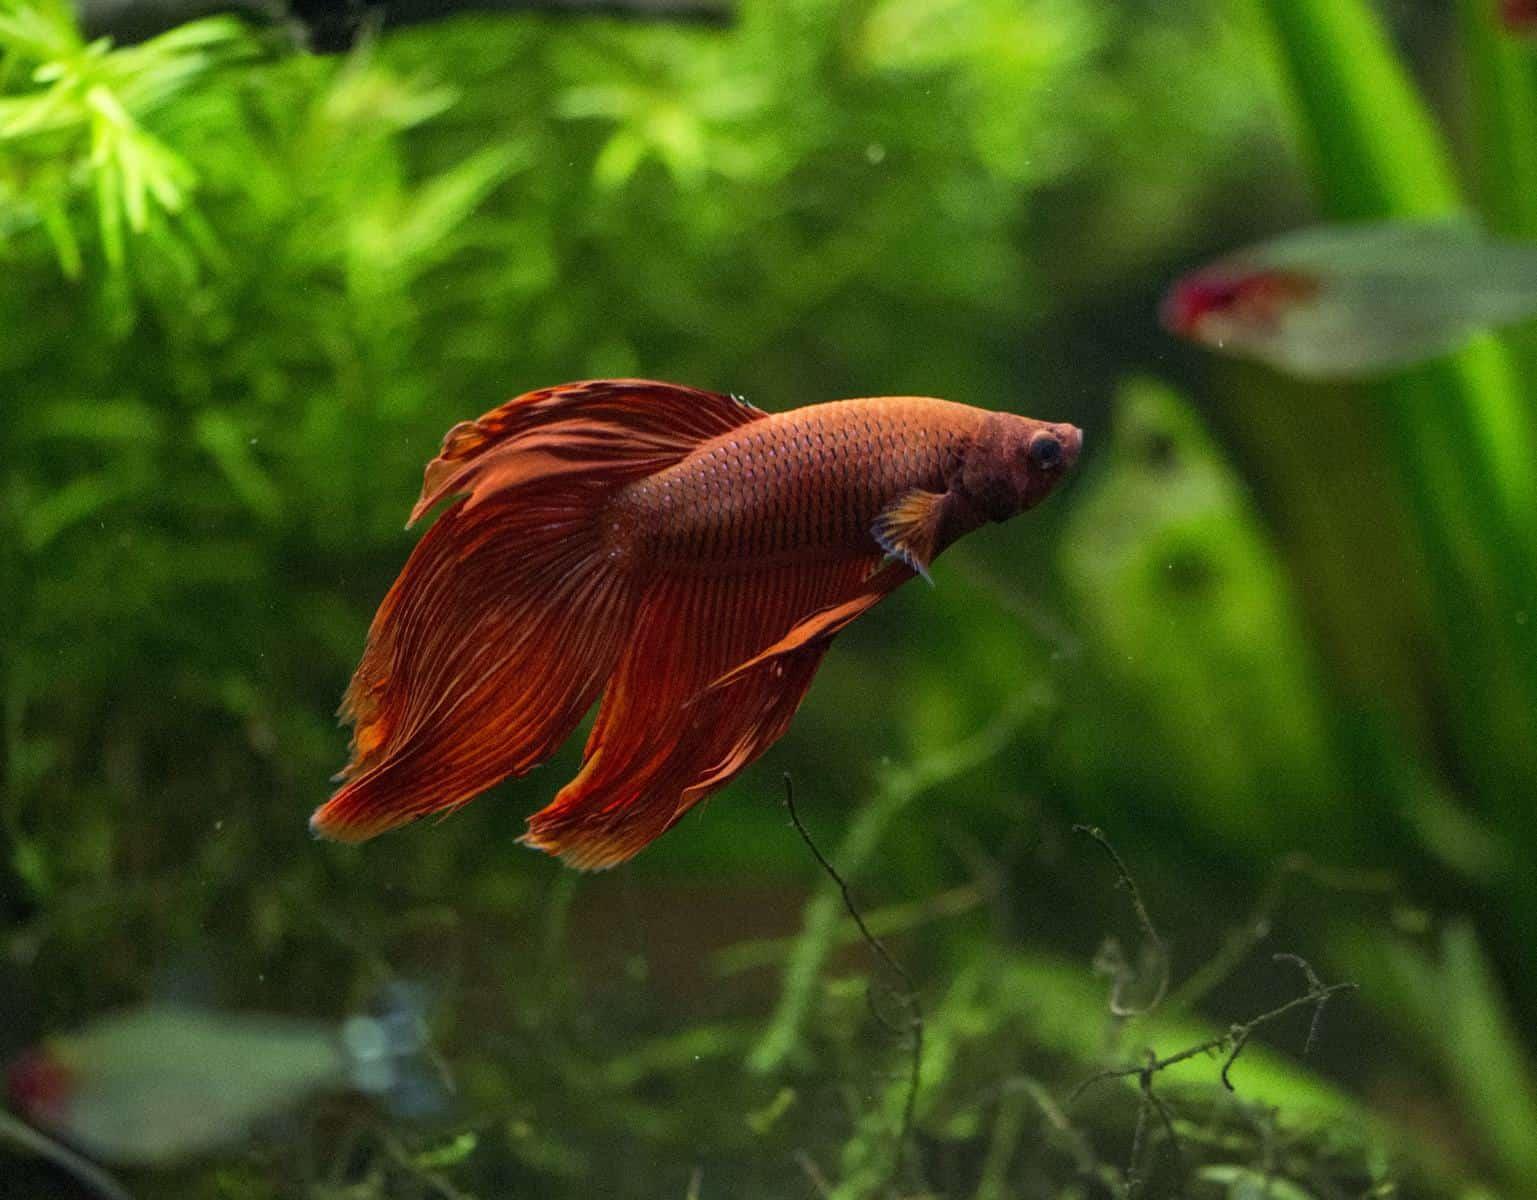 betta fish in aquarium